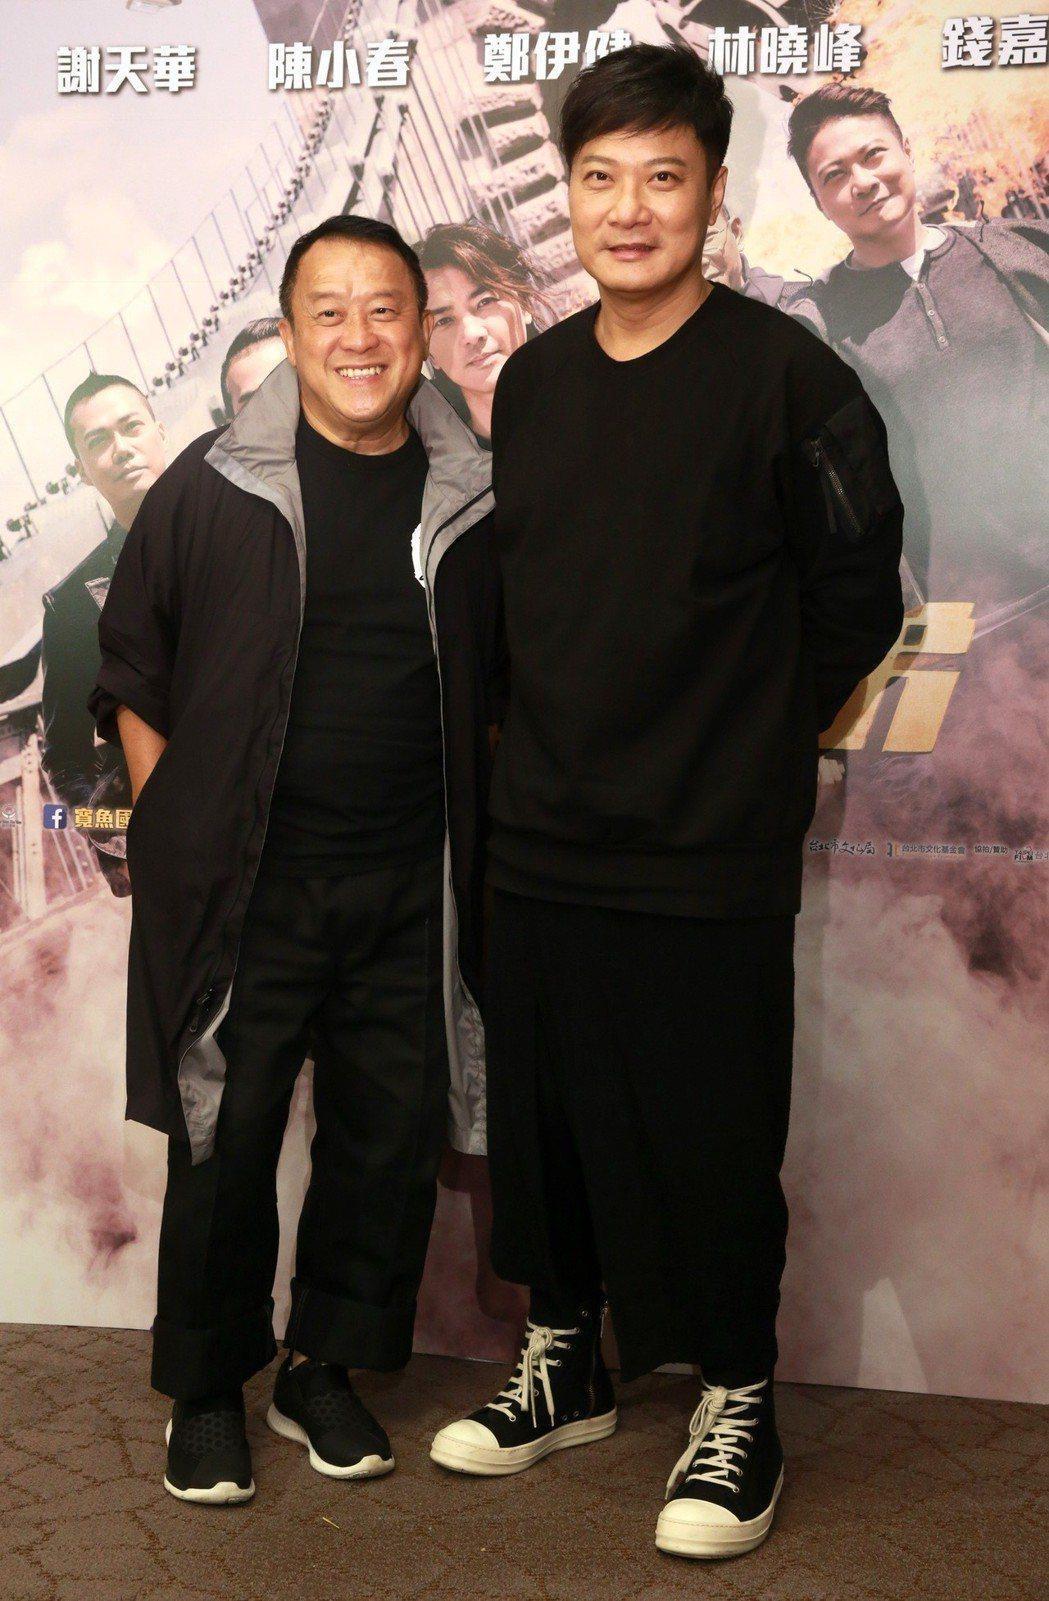 電影「黃金兄弟」監製曾志偉(左)與導演錢嘉樂(左)訪談。記者黃義書/攝影